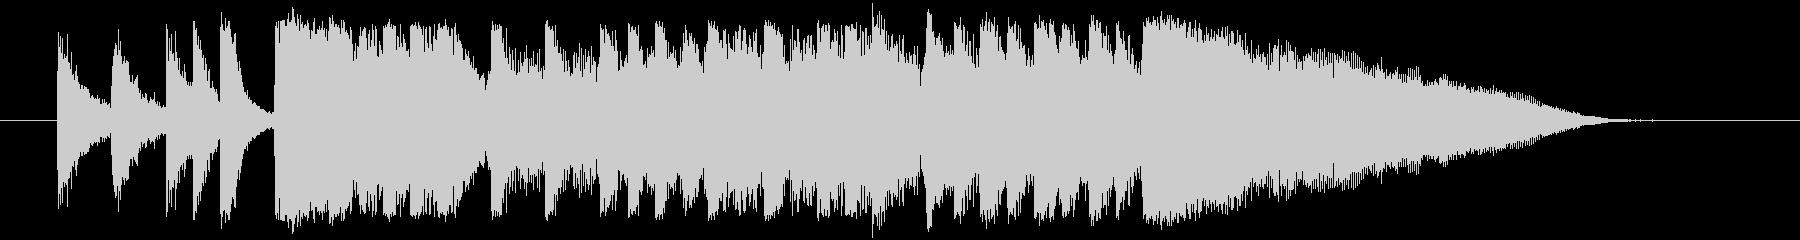 ロックアレンジのサウンドロゴ、ショート…の未再生の波形